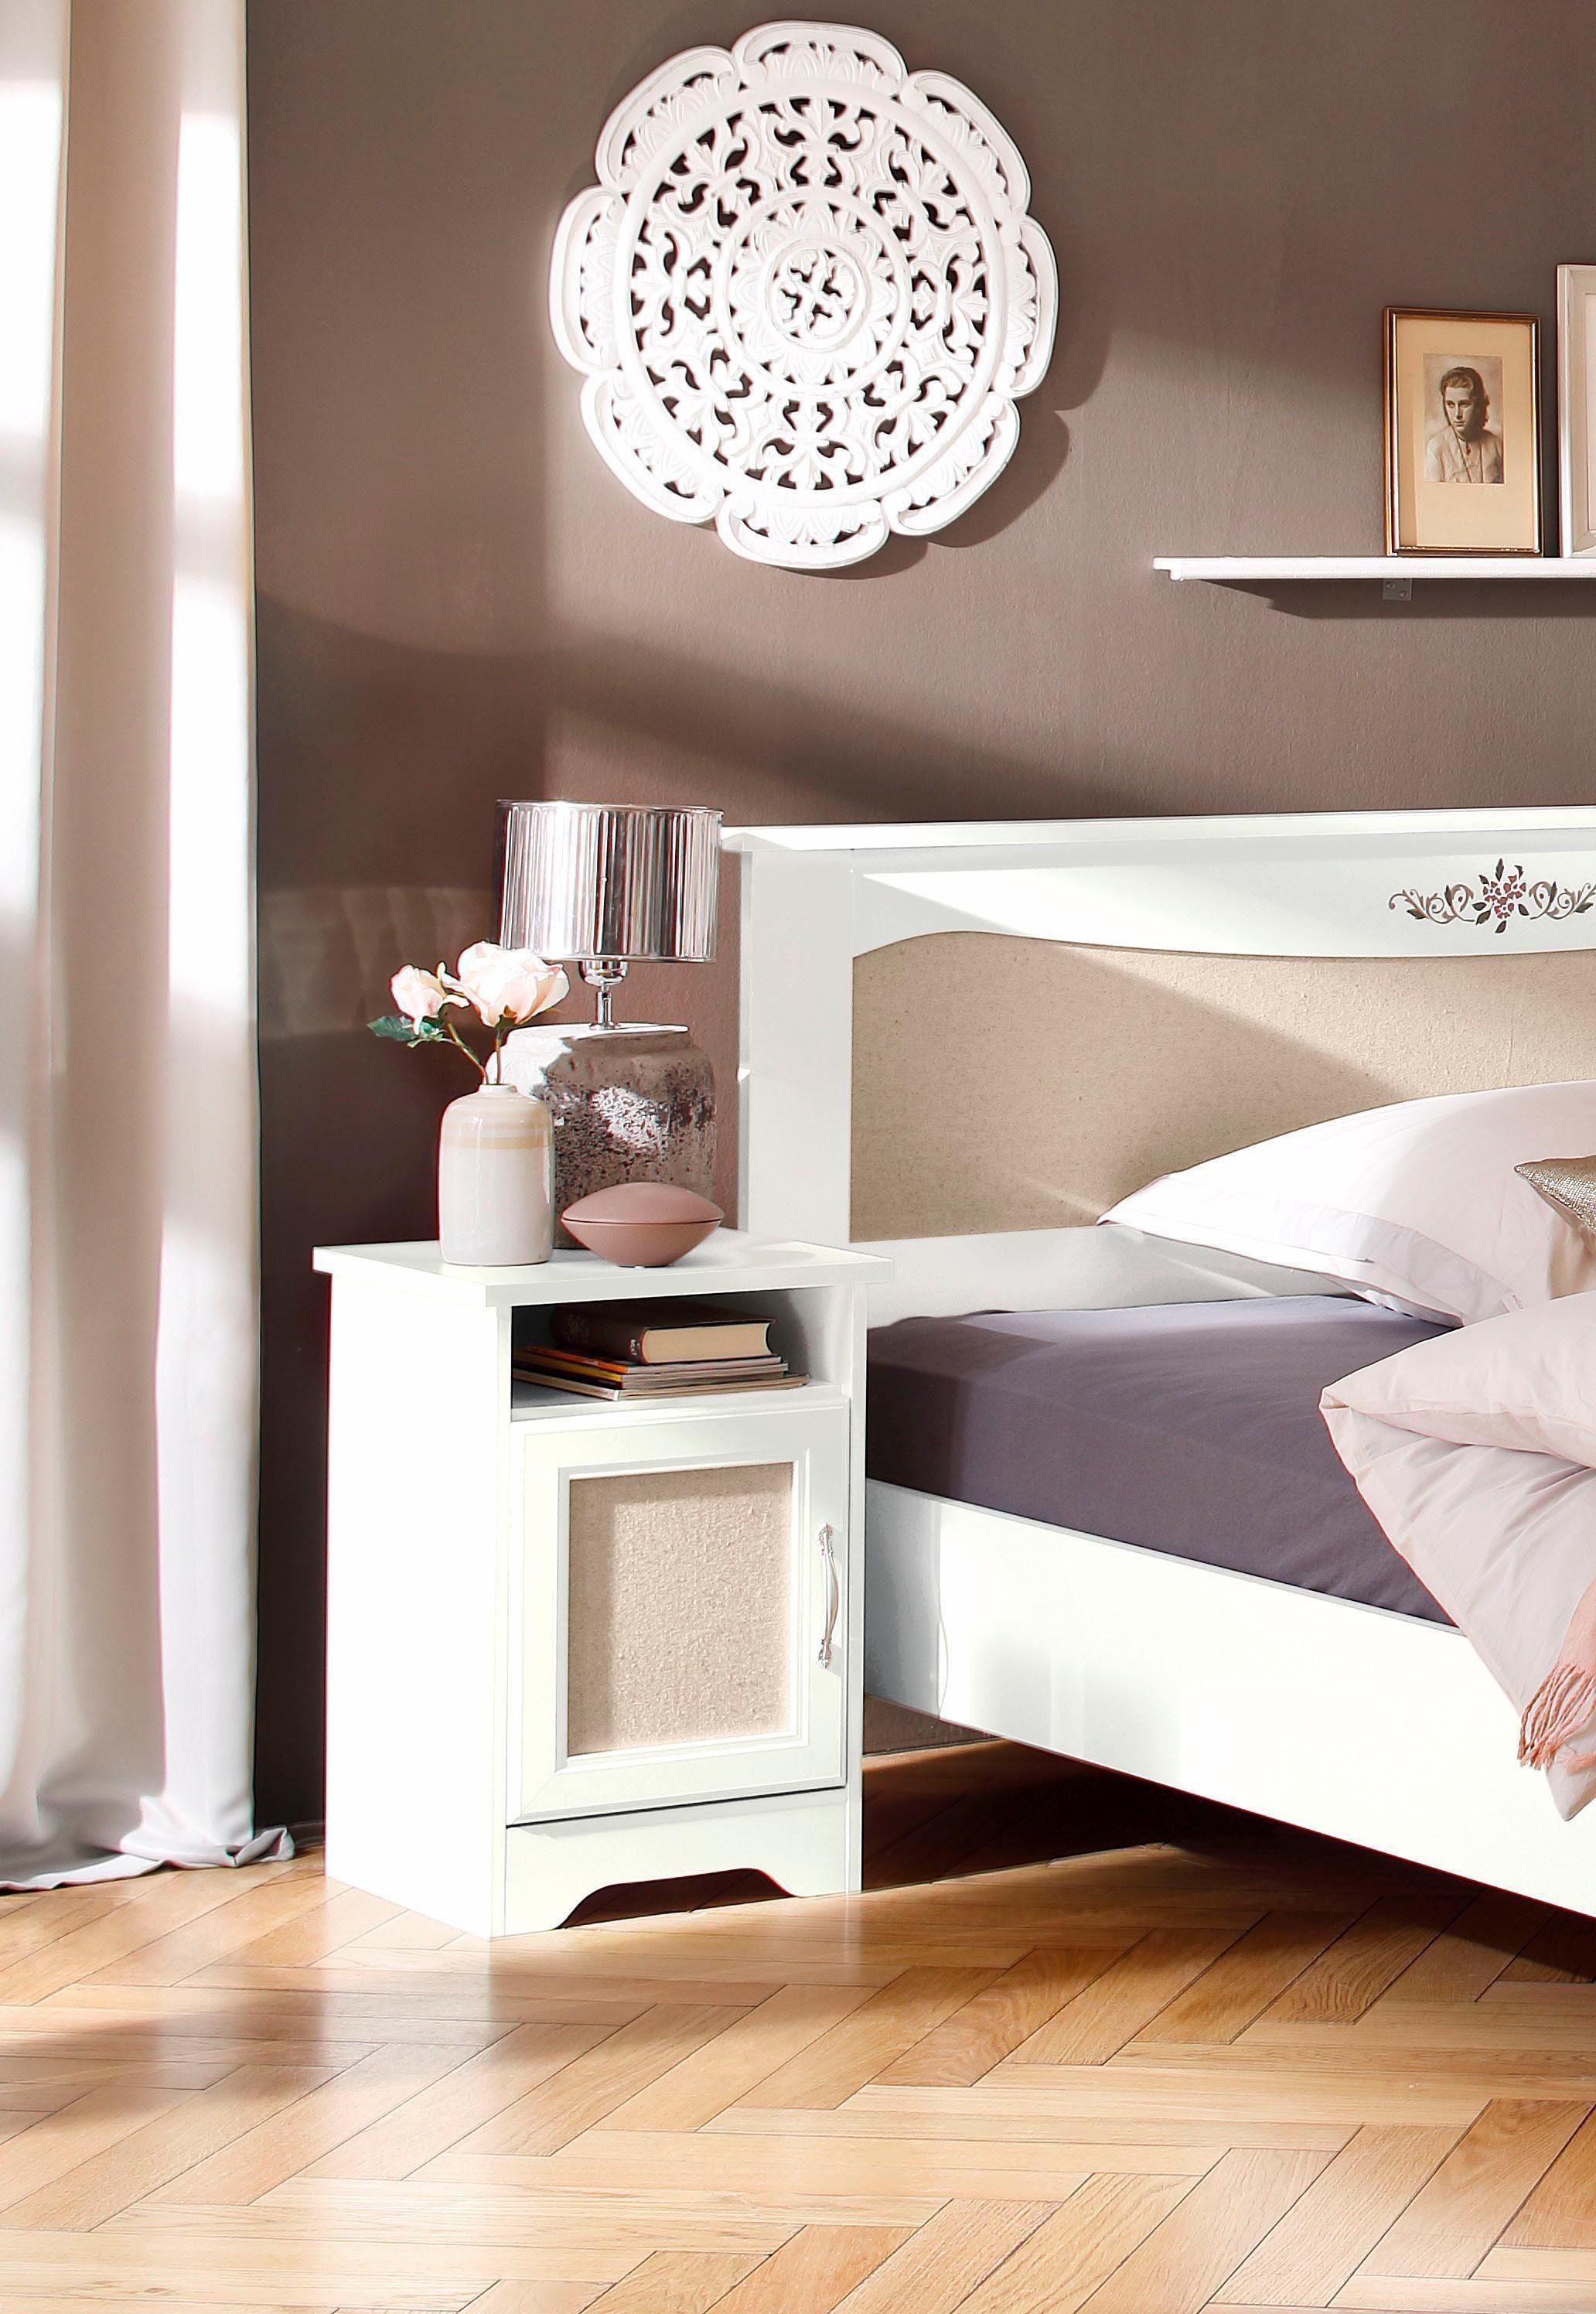 Home affaire Nachttisch »Lina«, Breite 44 cm mit Strukturstoffeinsatz